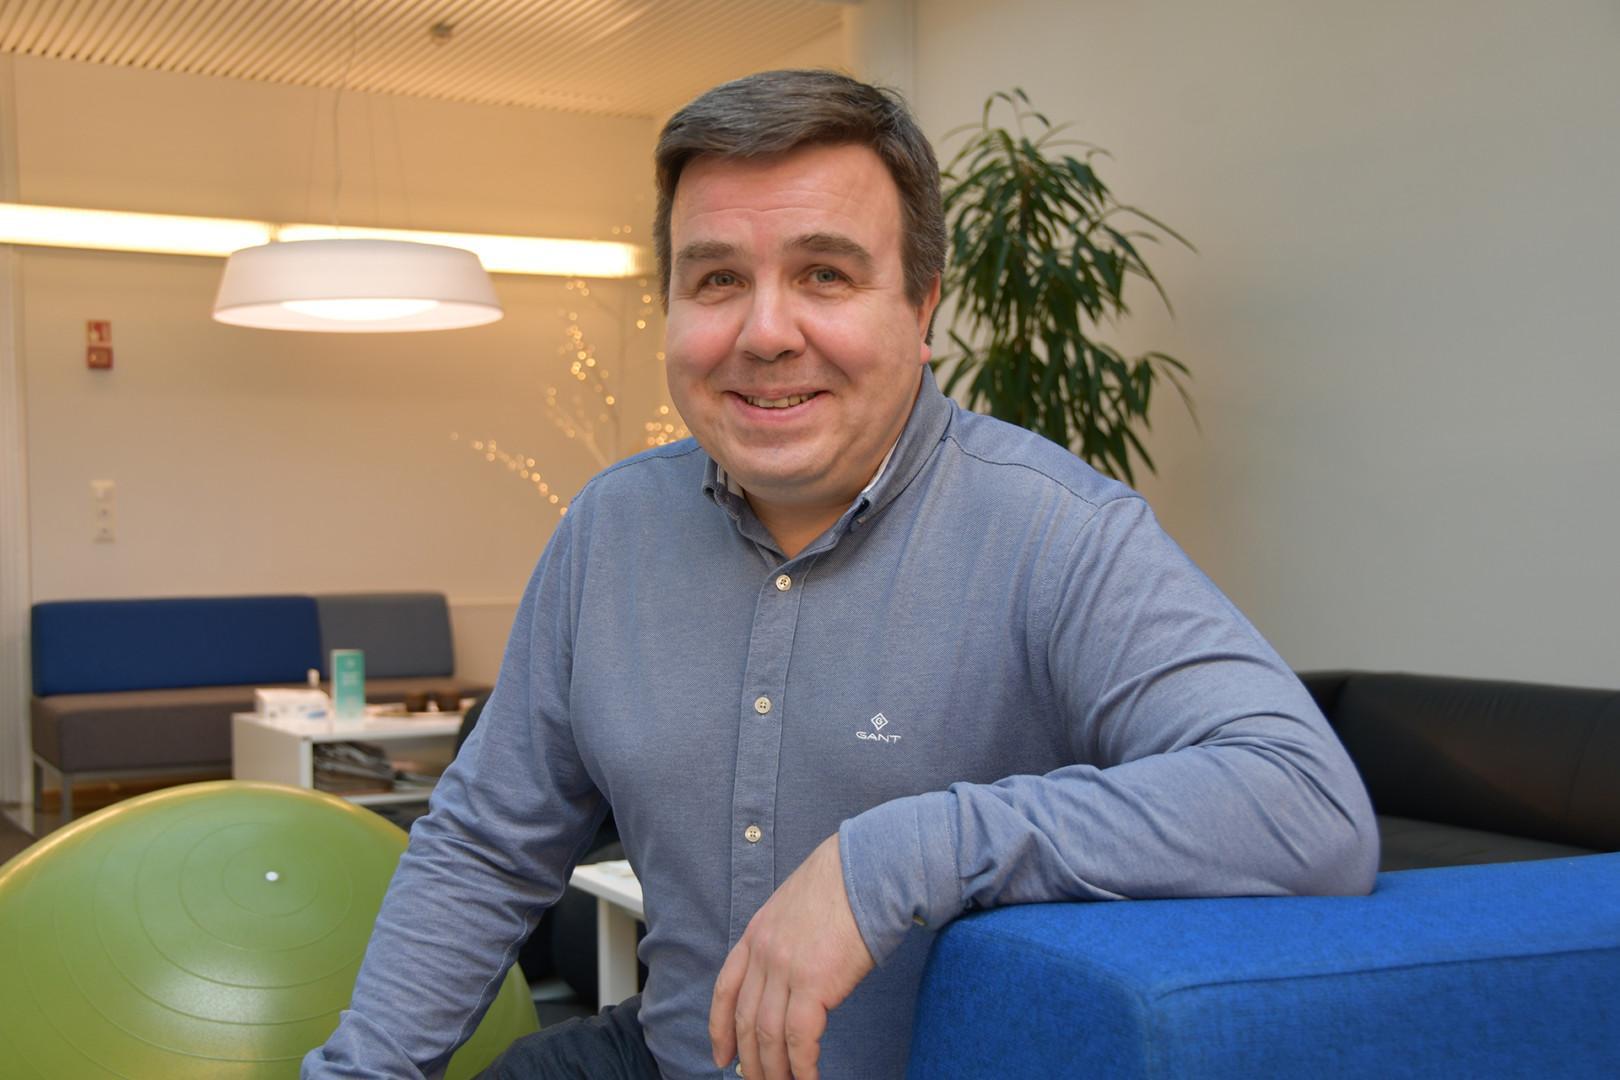 Ohjelmistotalo Trimble Forestry rekrytoi Mikkelissä